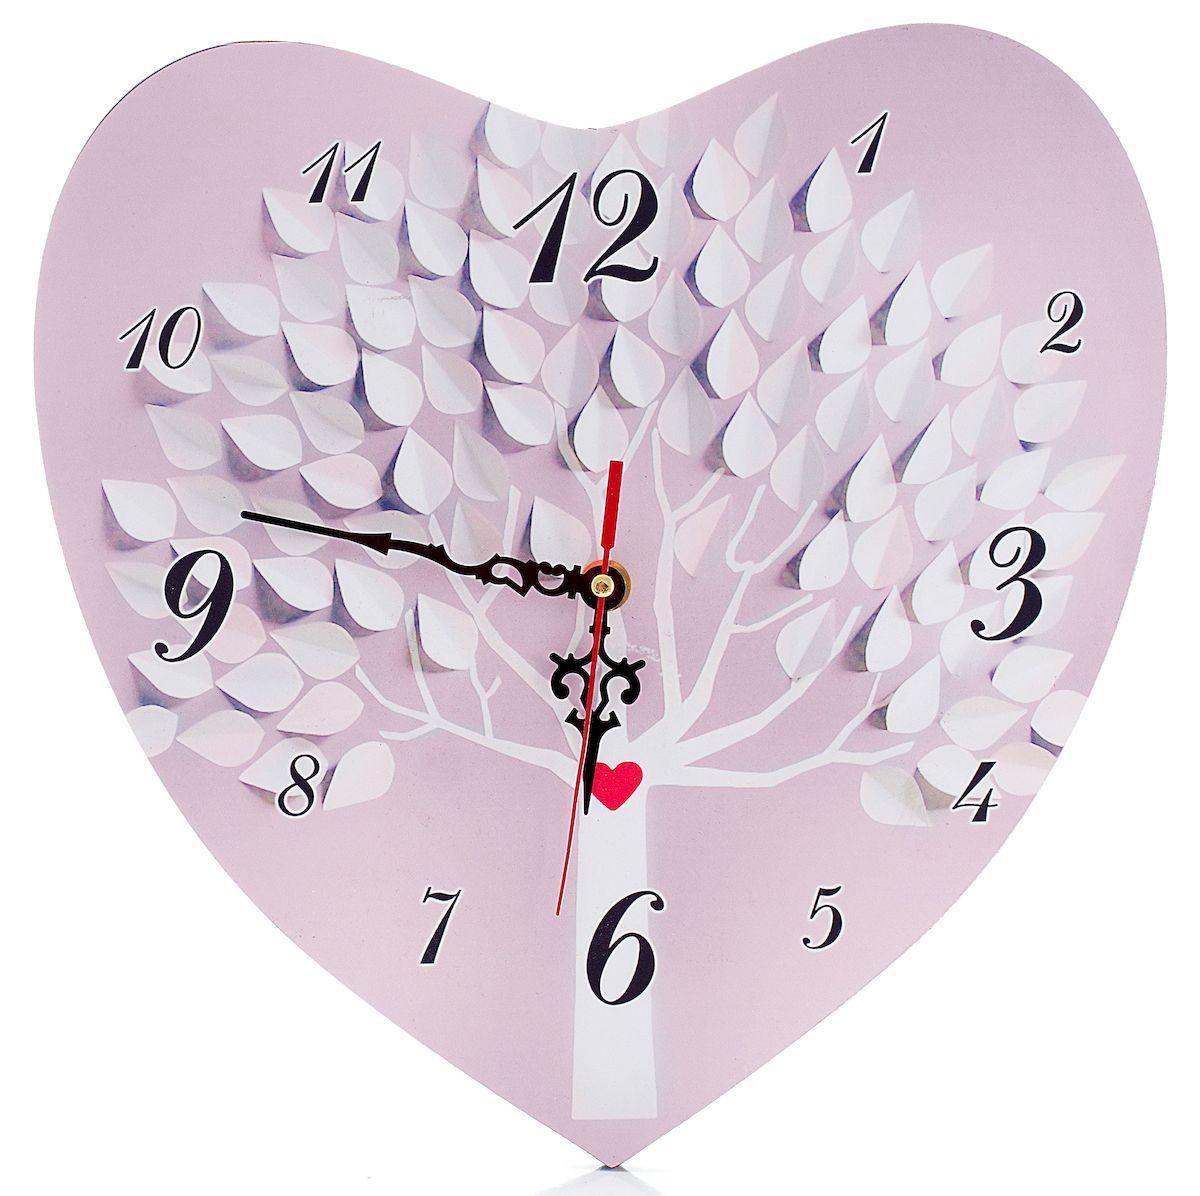 Часы настенные Русские Подарки Сердце, диаметр 30 см. 38243SC - WC1004KНастенные кварцевые часы Русские Подарки Сердце изготовлены из МДФ. Корпус оригинально оформлен в виде сердечка. Часы имеют три стрелки - часовую, минутную и секундную. С обратной стороны имеетсяпетелька для подвешивания на стену. Такие часы красиво и необычно оформят интерьер дома или офиса. Также часы могут стать уникальным, полезным подарком для родственников, коллег, знакомых и близких.Часы работают от батареек типа АА (в комплект не входят).